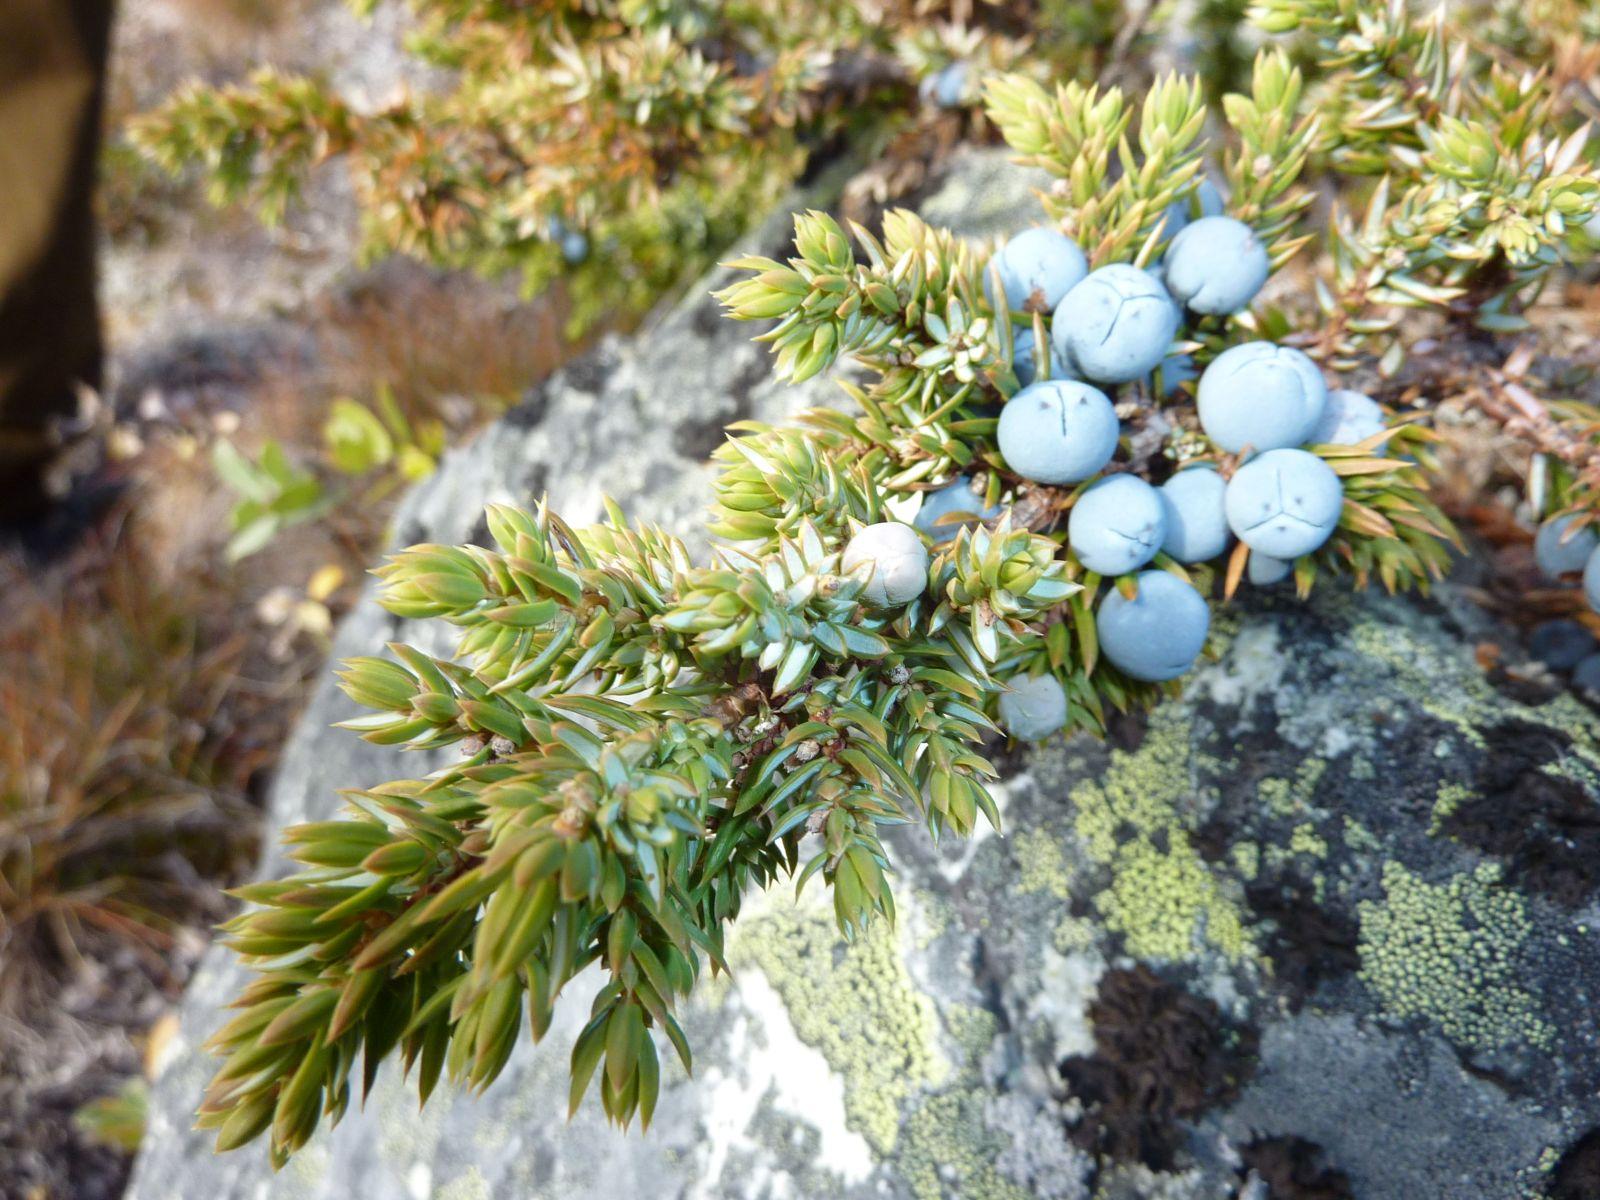 2010-09-19-1256_-_Enebær; Vegetation_2